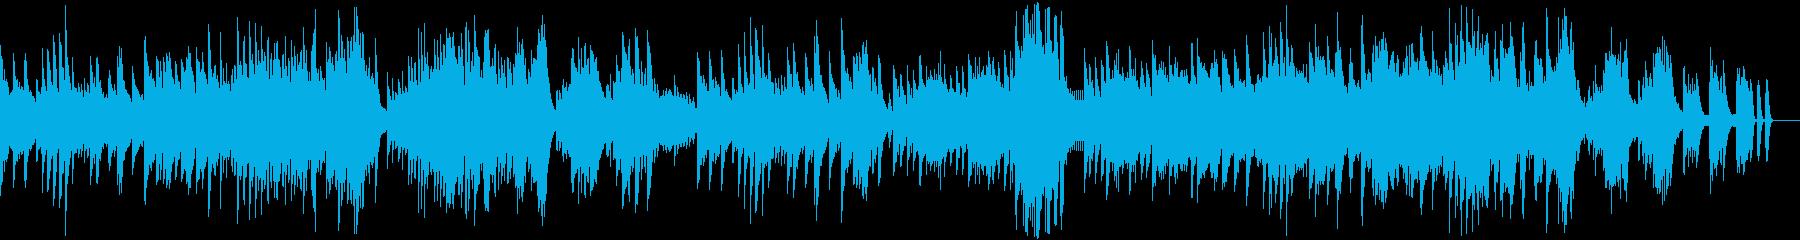 ピアノソナタ第8番「悲愴」第2楽章の再生済みの波形